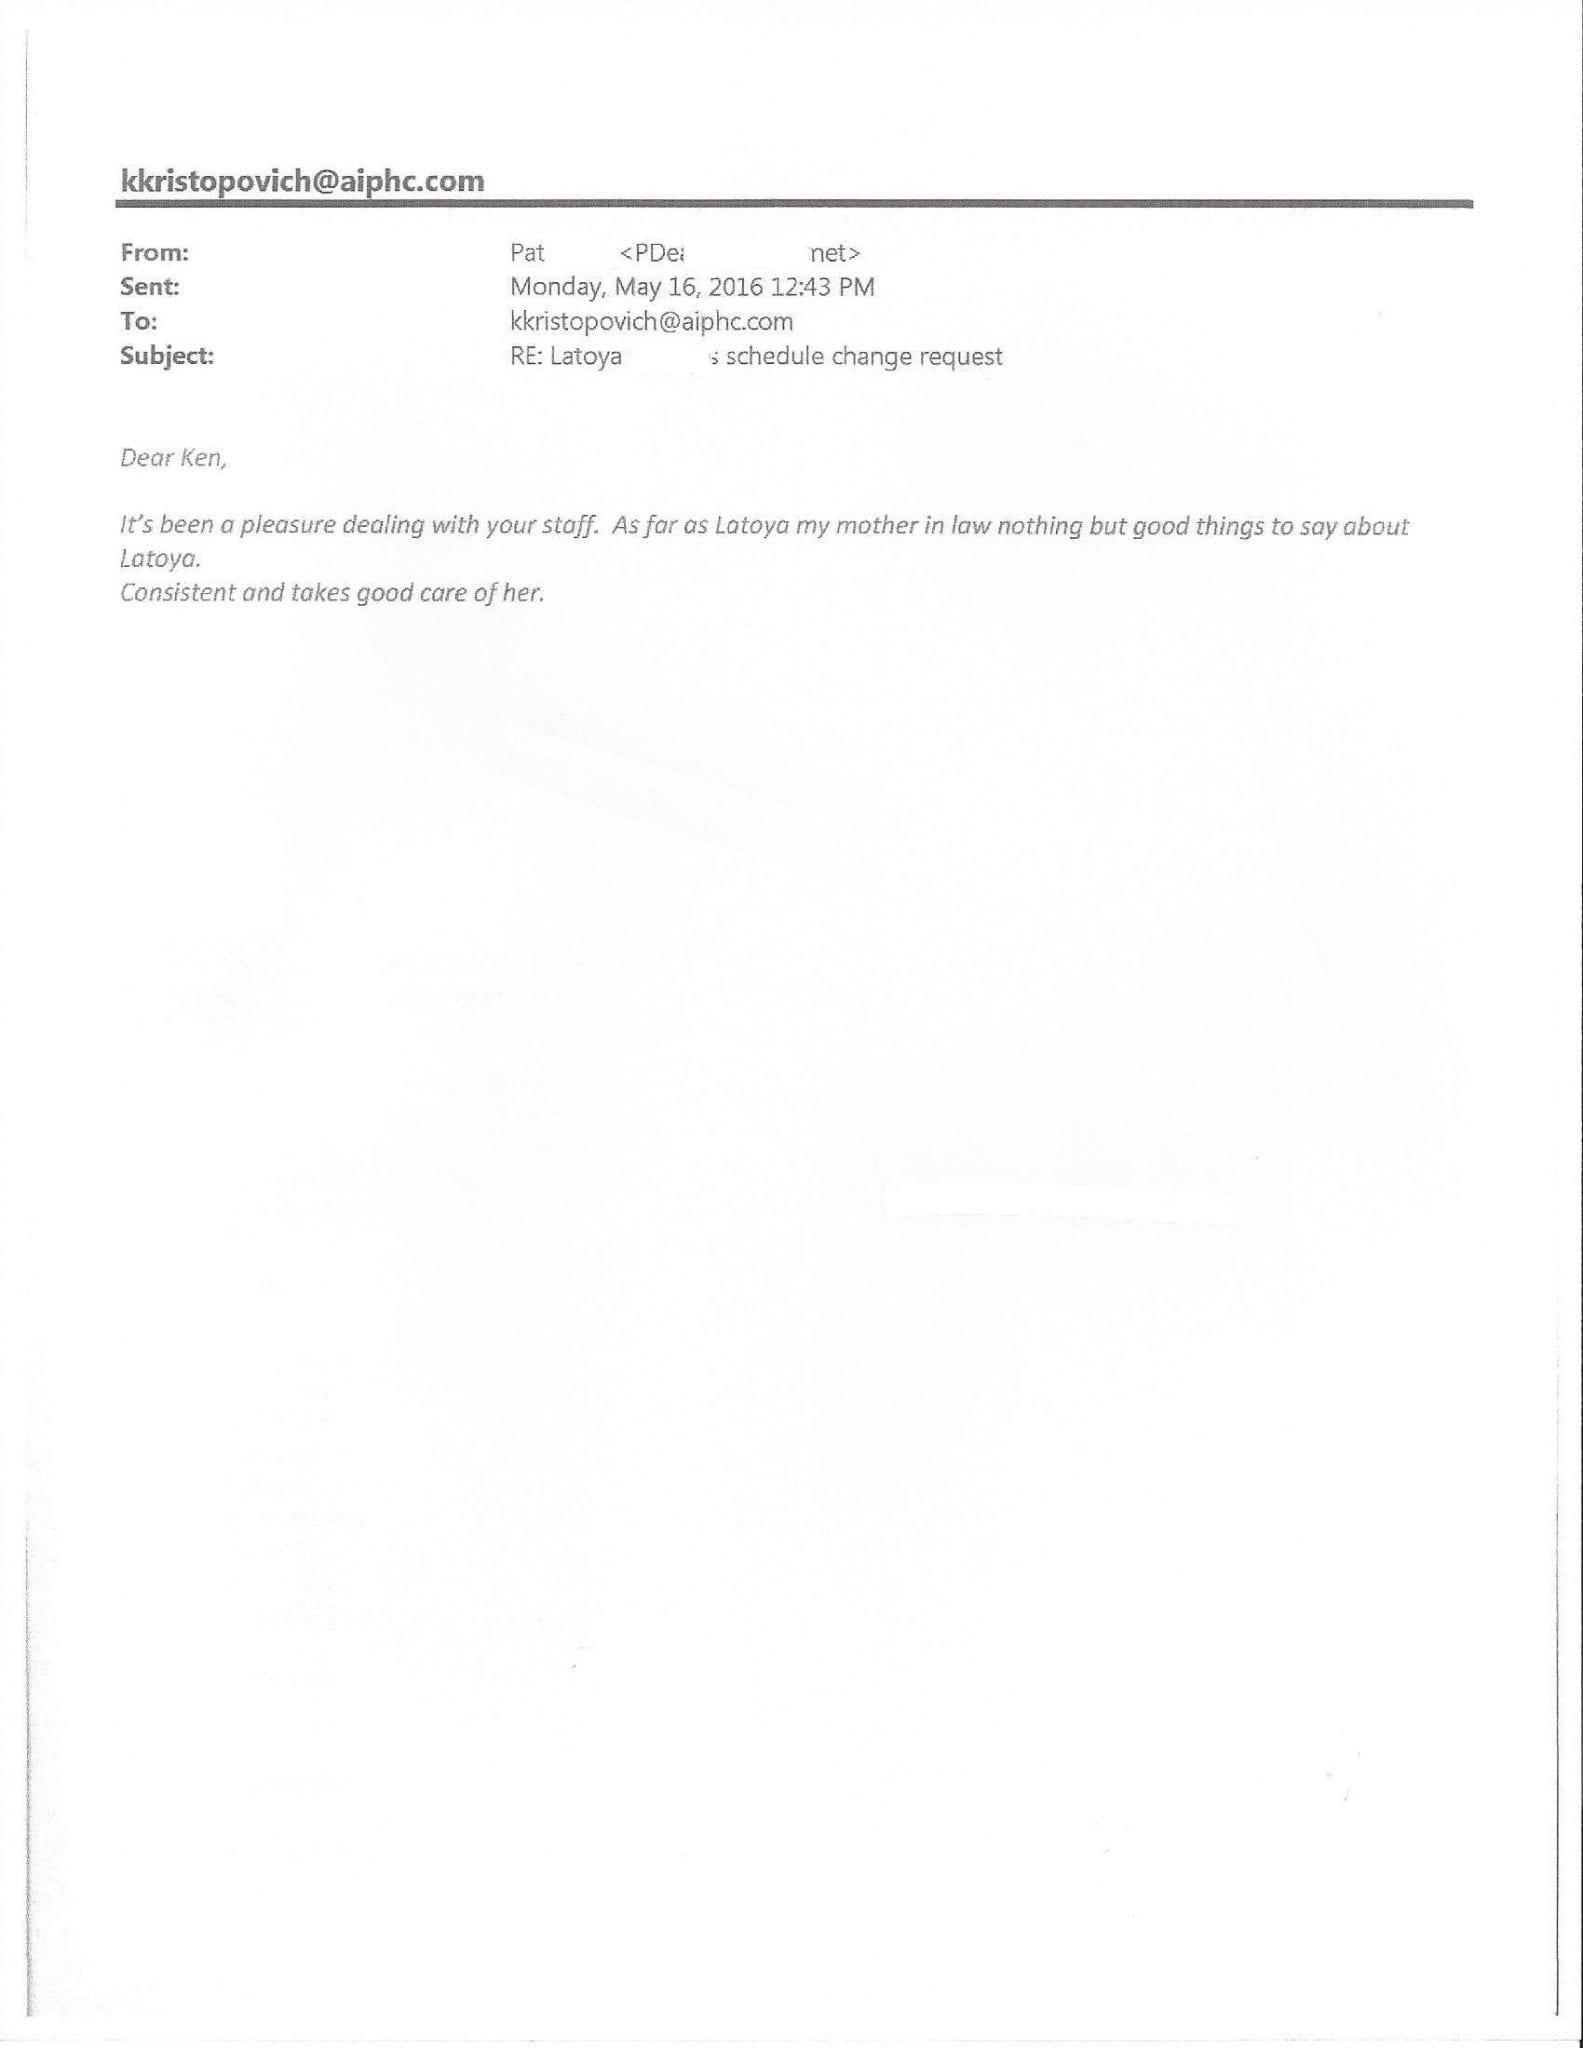 Pat - AIPHC Testimonial